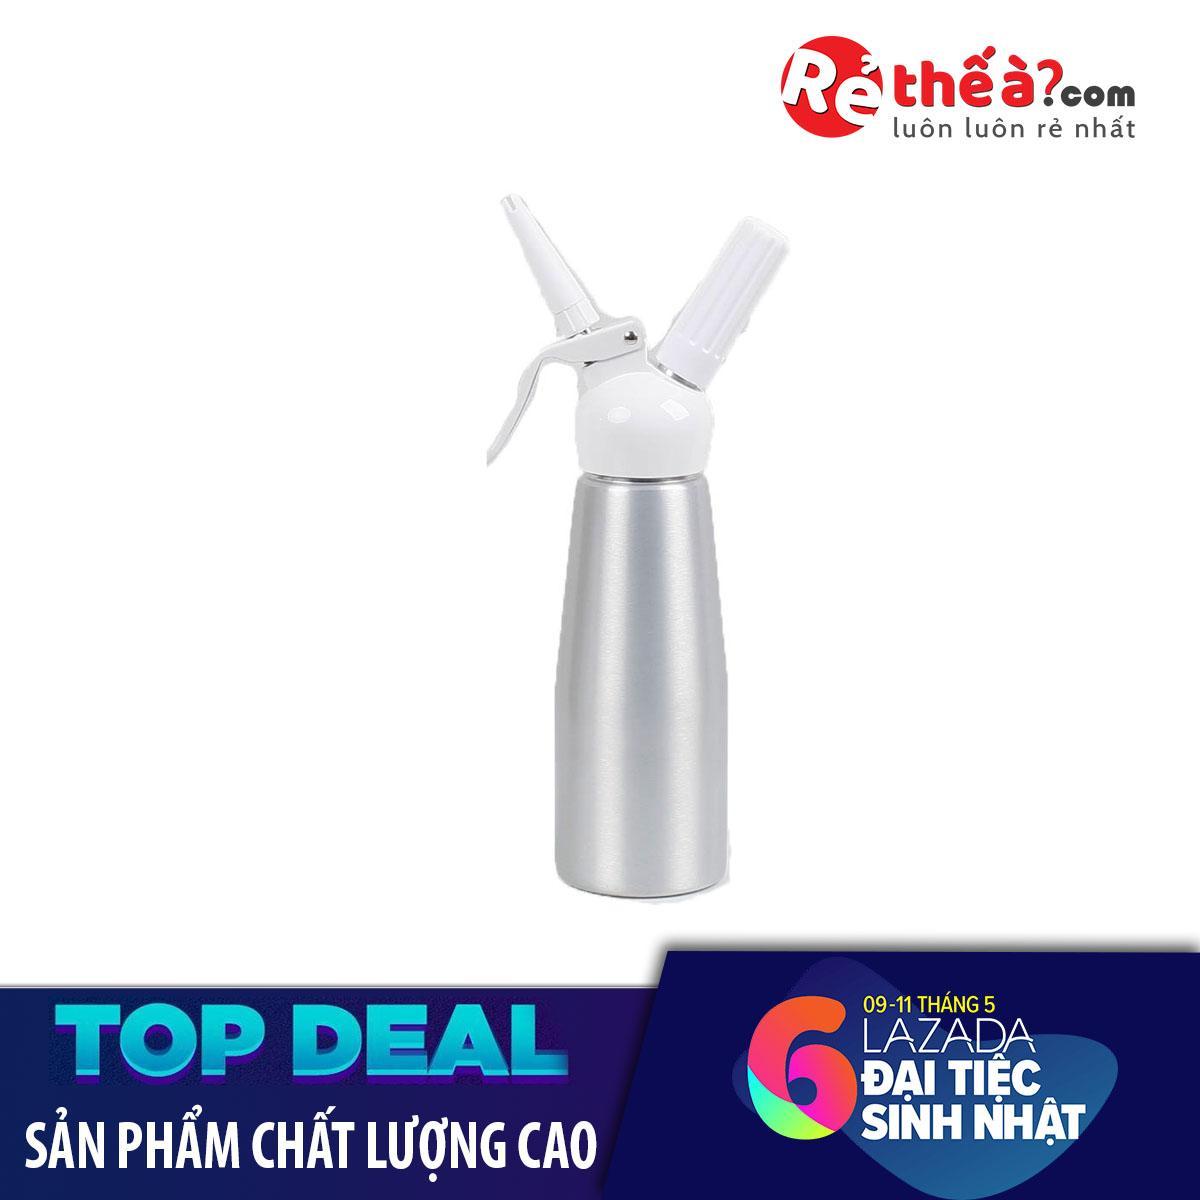 Bán Binh Xịt Kem Mosa 5L Cổ Nhựa Mau Bạc Tặng Kem Một Ca Đong Nhựa 250Ml Rẻ Nhất